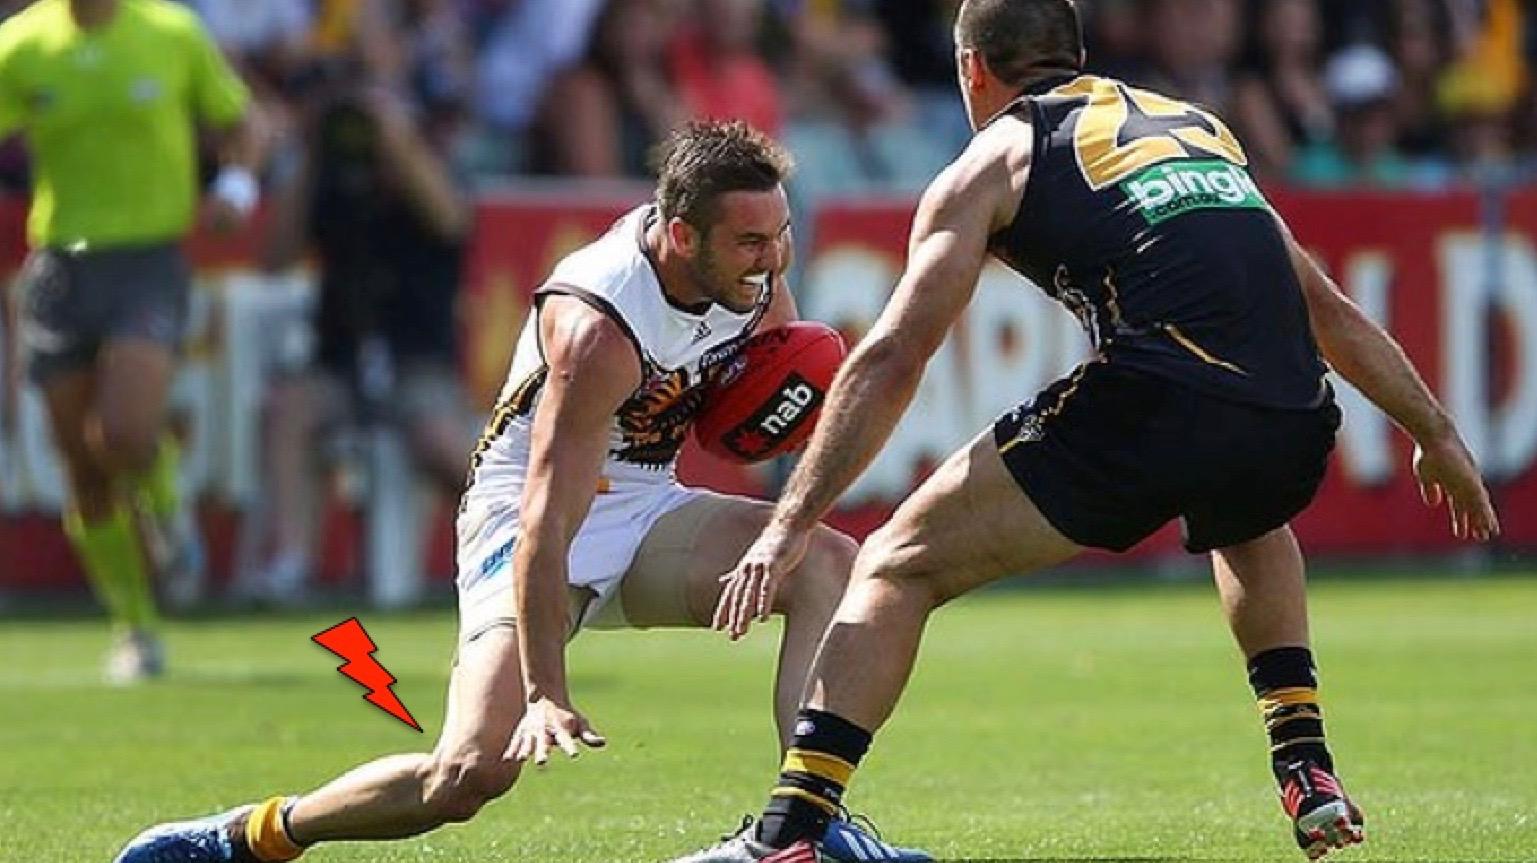 traumatisme de genou d'un joueur lors d'un match de foot